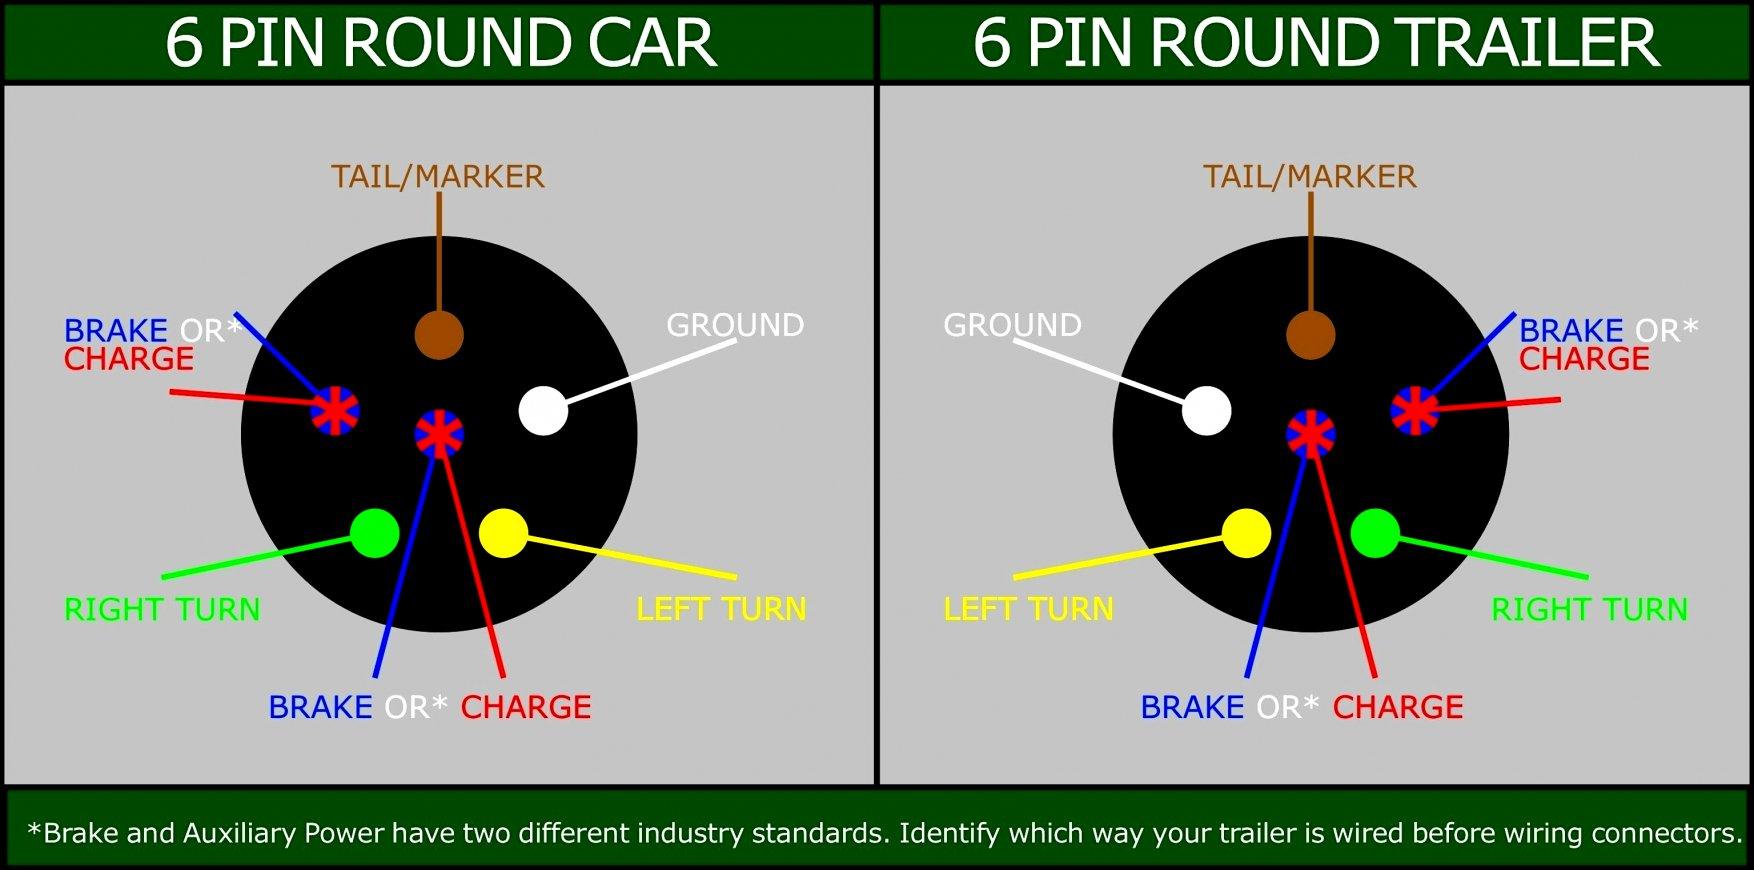 7 Pin Round Trailer Plug Wiring Diagram - Wiring Diagrams Thumbs - 7 Prong Wiring Diagram